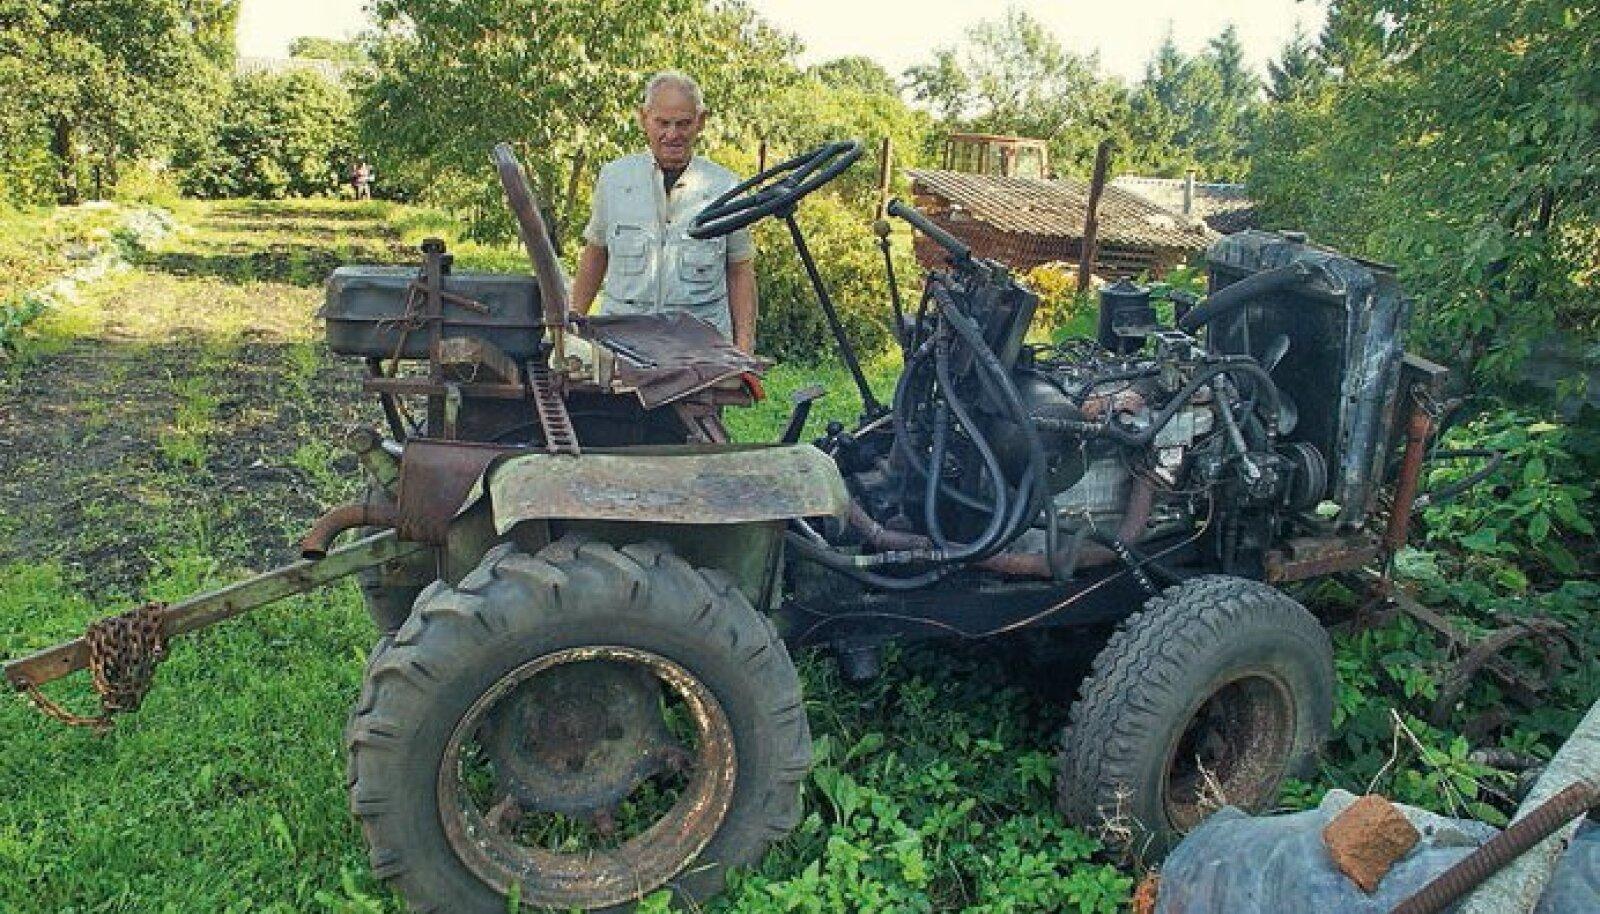 Jüri elanik Lembit Sall ehitas selle traktori 1972. aastal. Traktori raam on karprauast. Mootoriks oli alguses Pobeda mootor, hiljem äravisatud GAZ 51 mootor. Traktor teenib oma peremeest aiatöödel jätkuvalt.